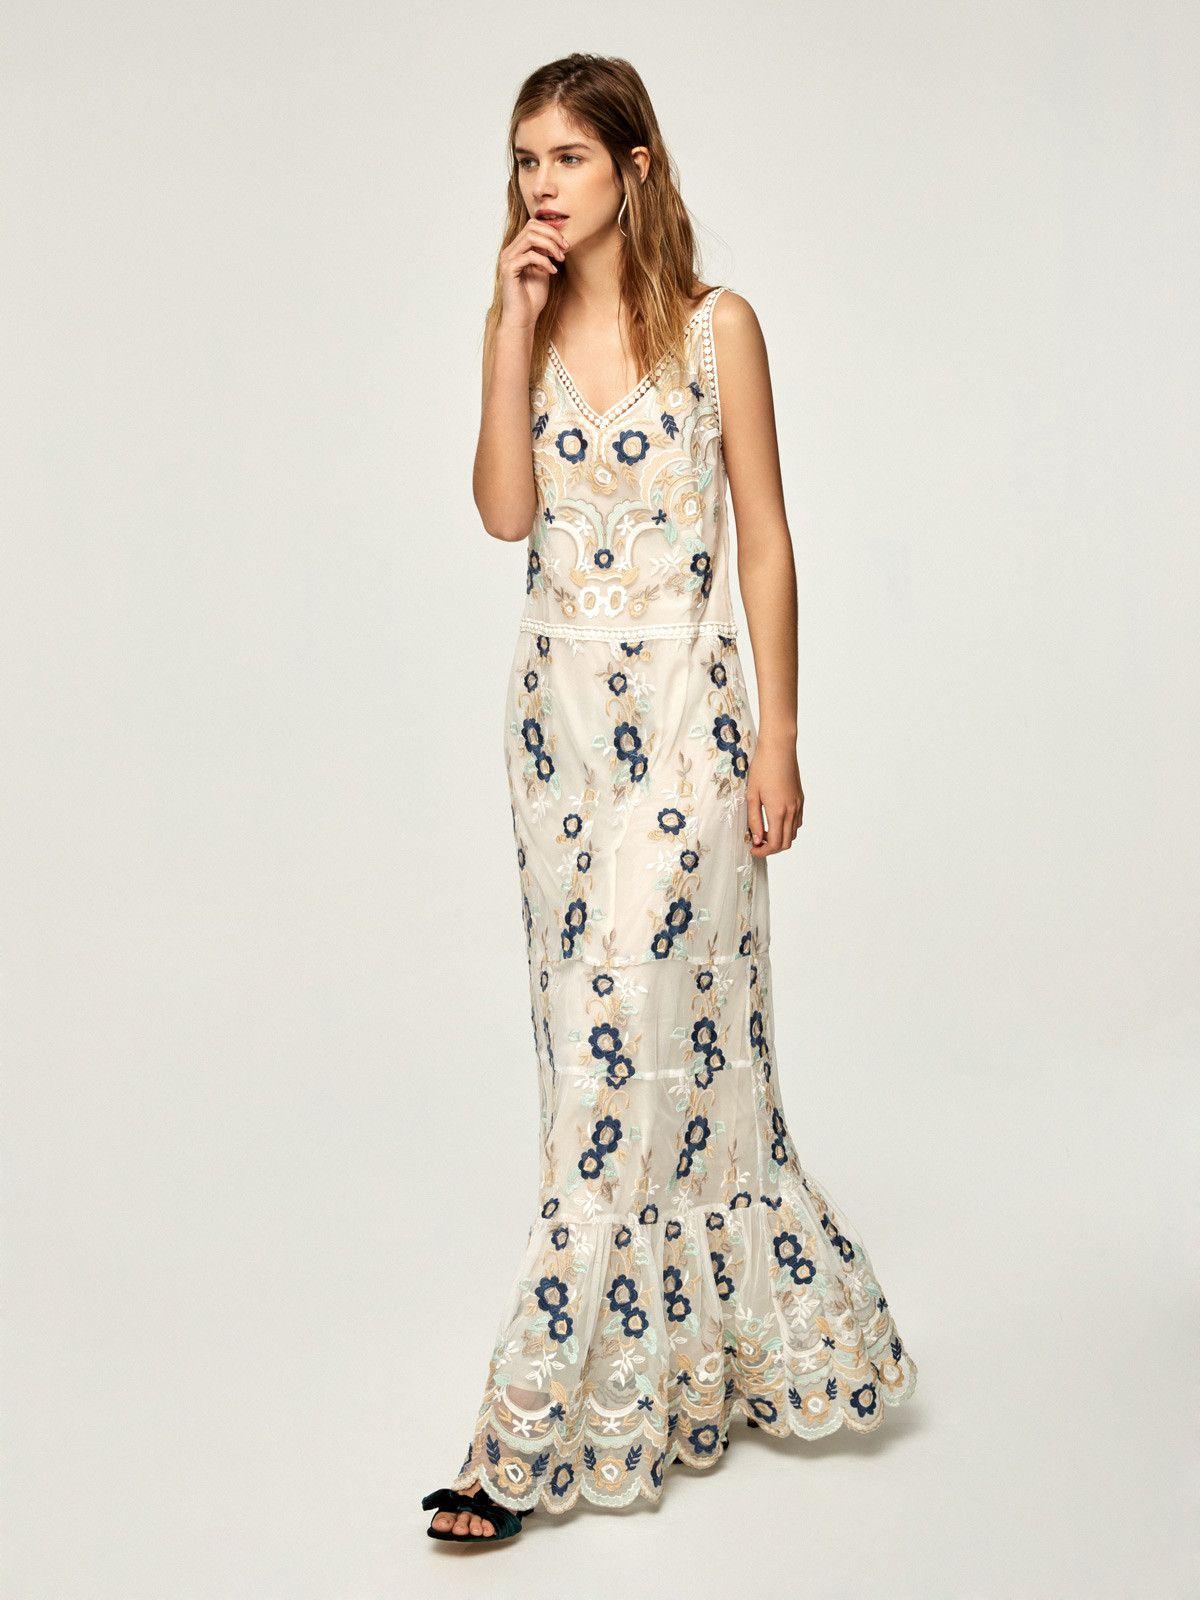 0e89283e63e PALERMO - Vestido largo tirantes tul bordado flores en mioh.eu